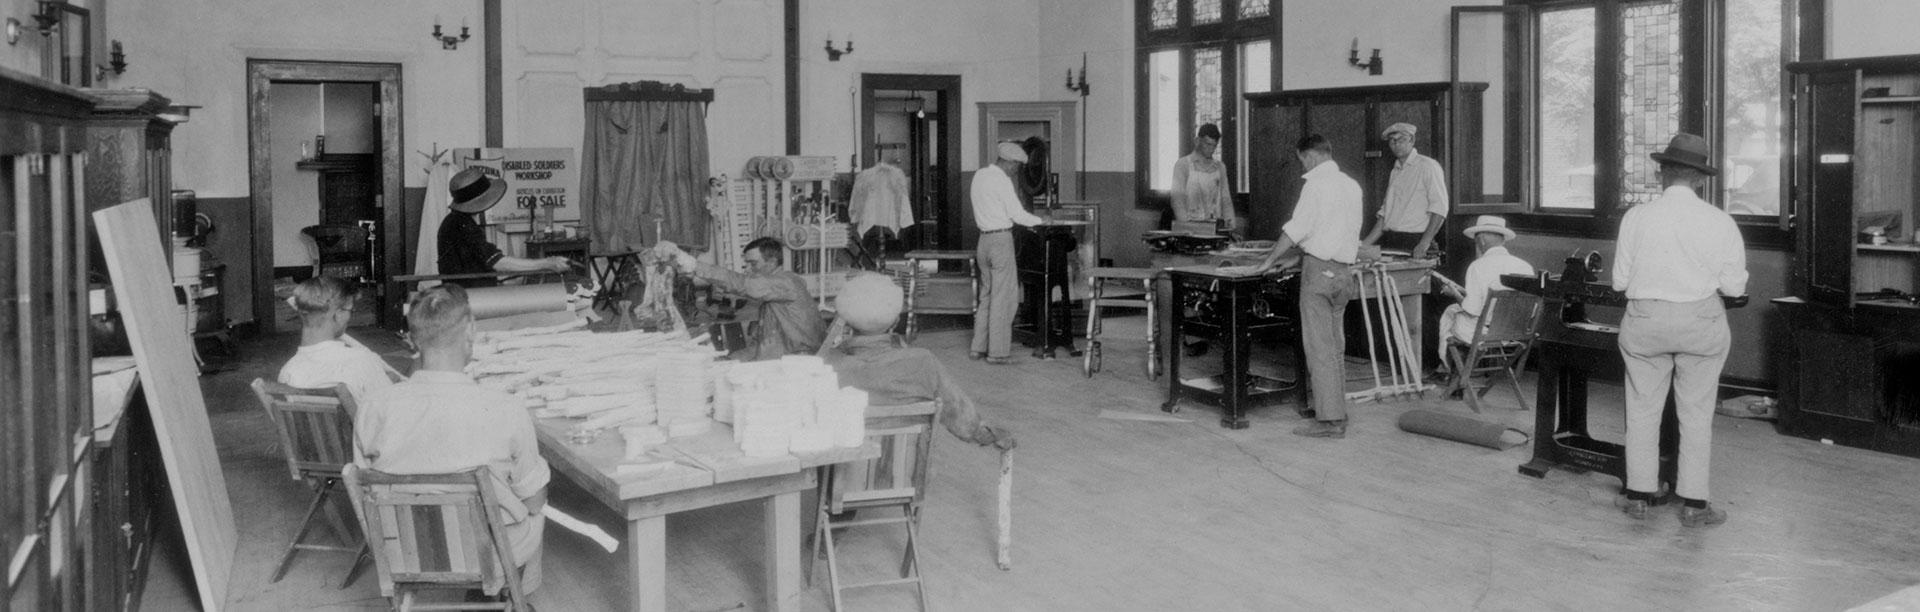 History of Arizona Inn, Tucson